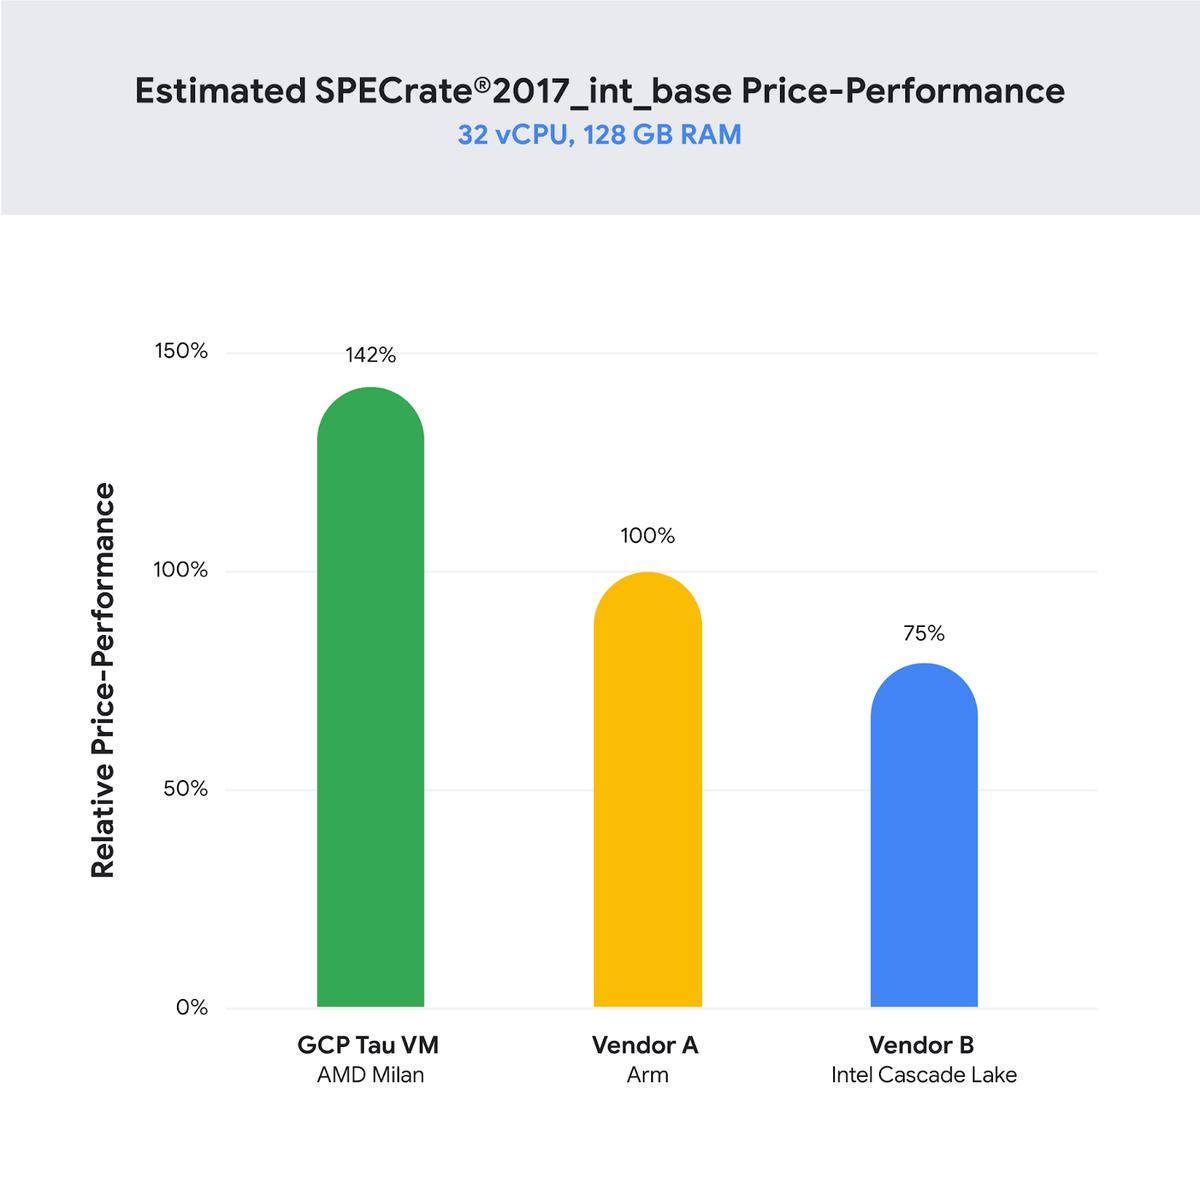 цена-изпълнение-спектрат.png